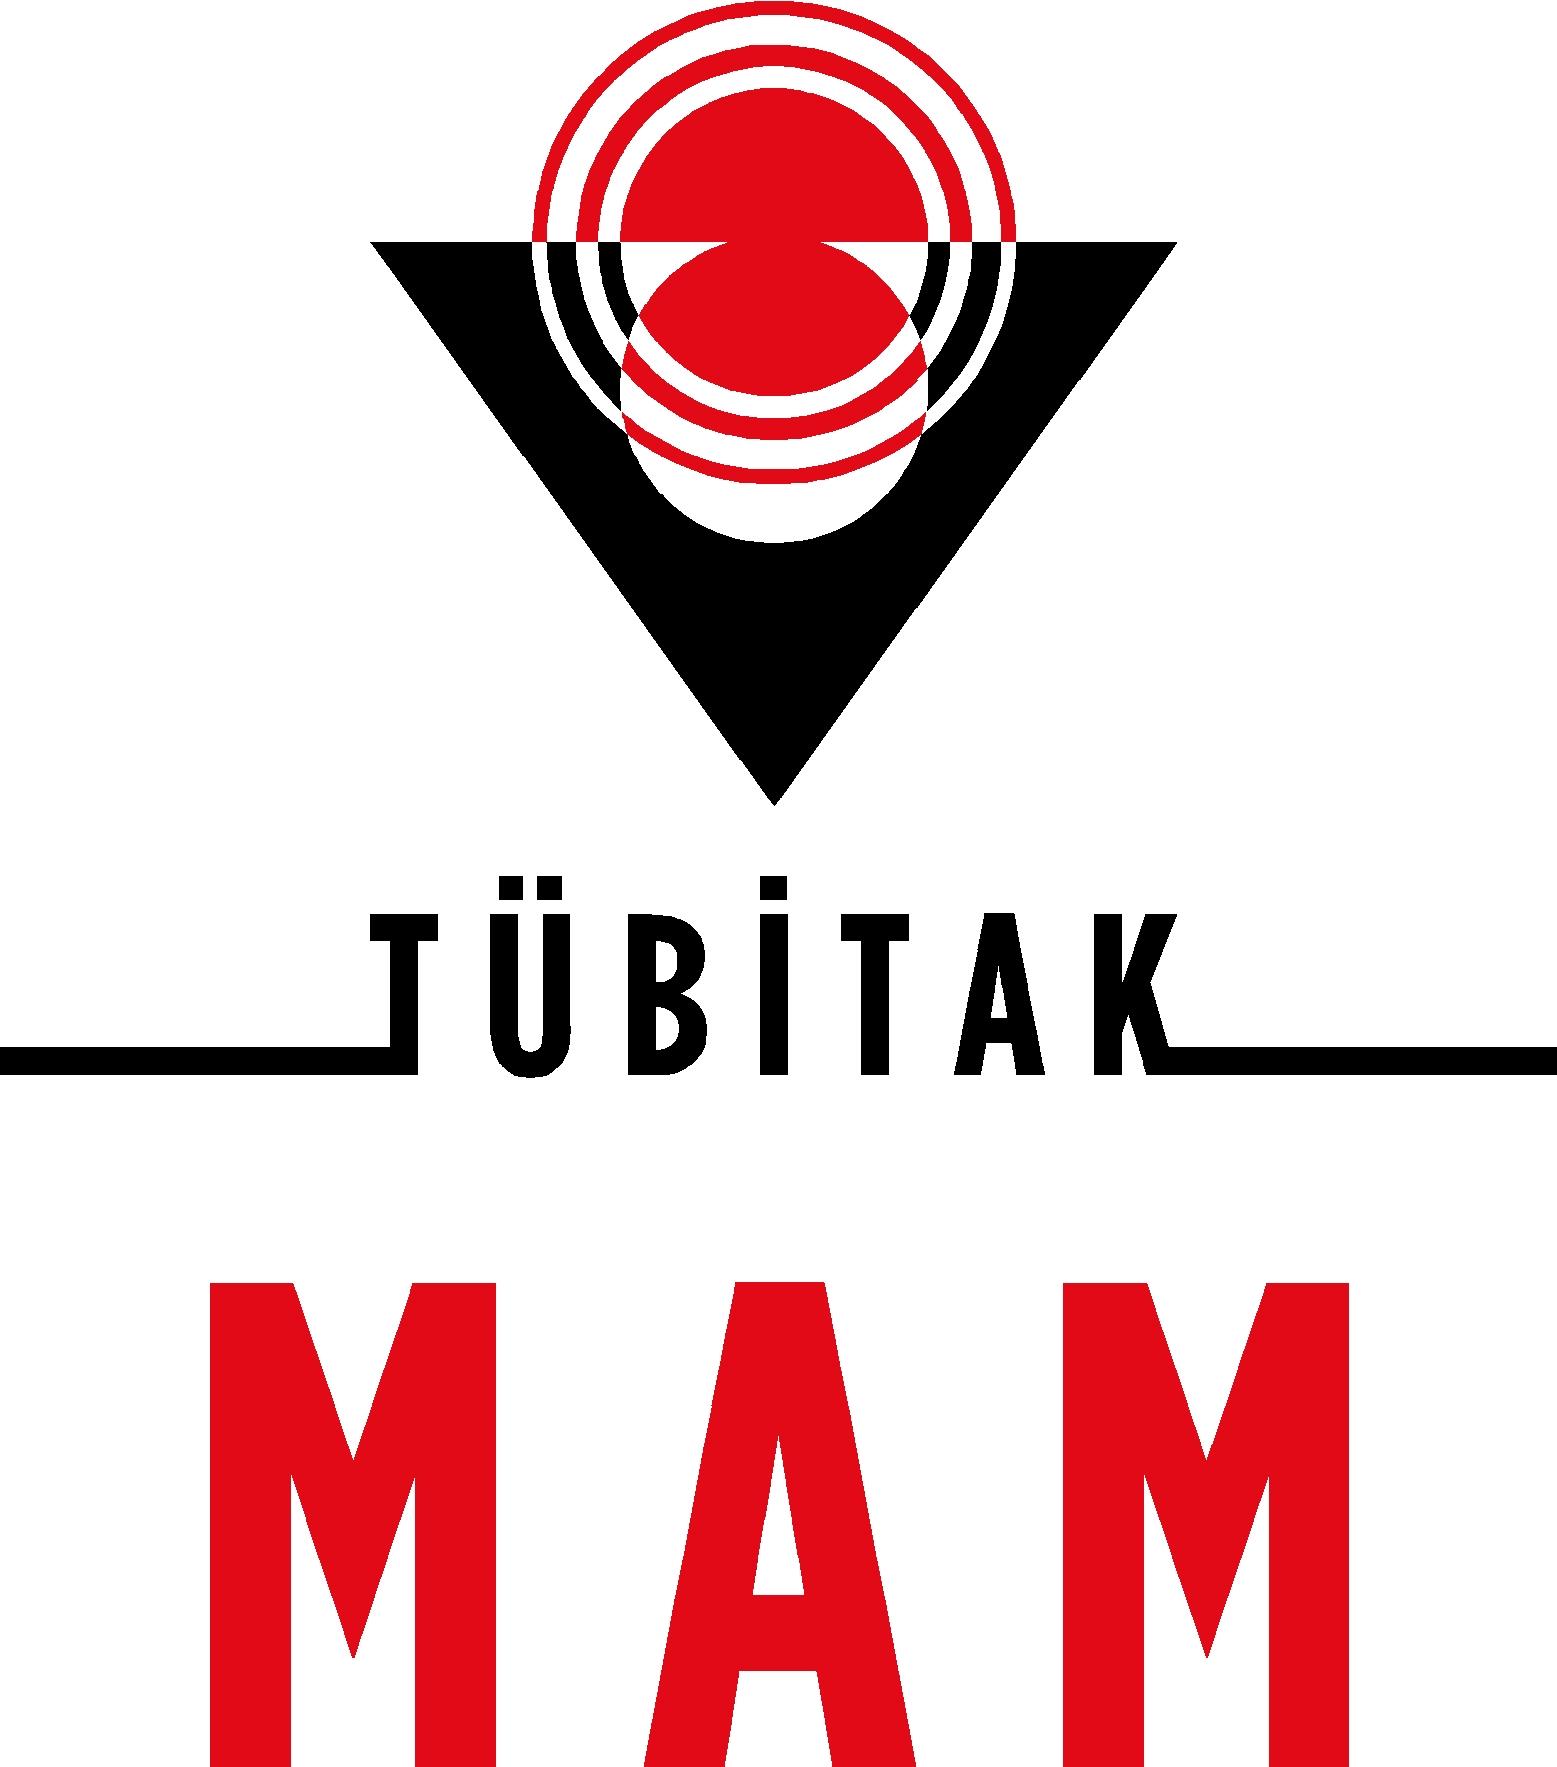 https://www.tubitak.gov.tr/sites/default/files/tubitak-mam-logo-jpg.jpg